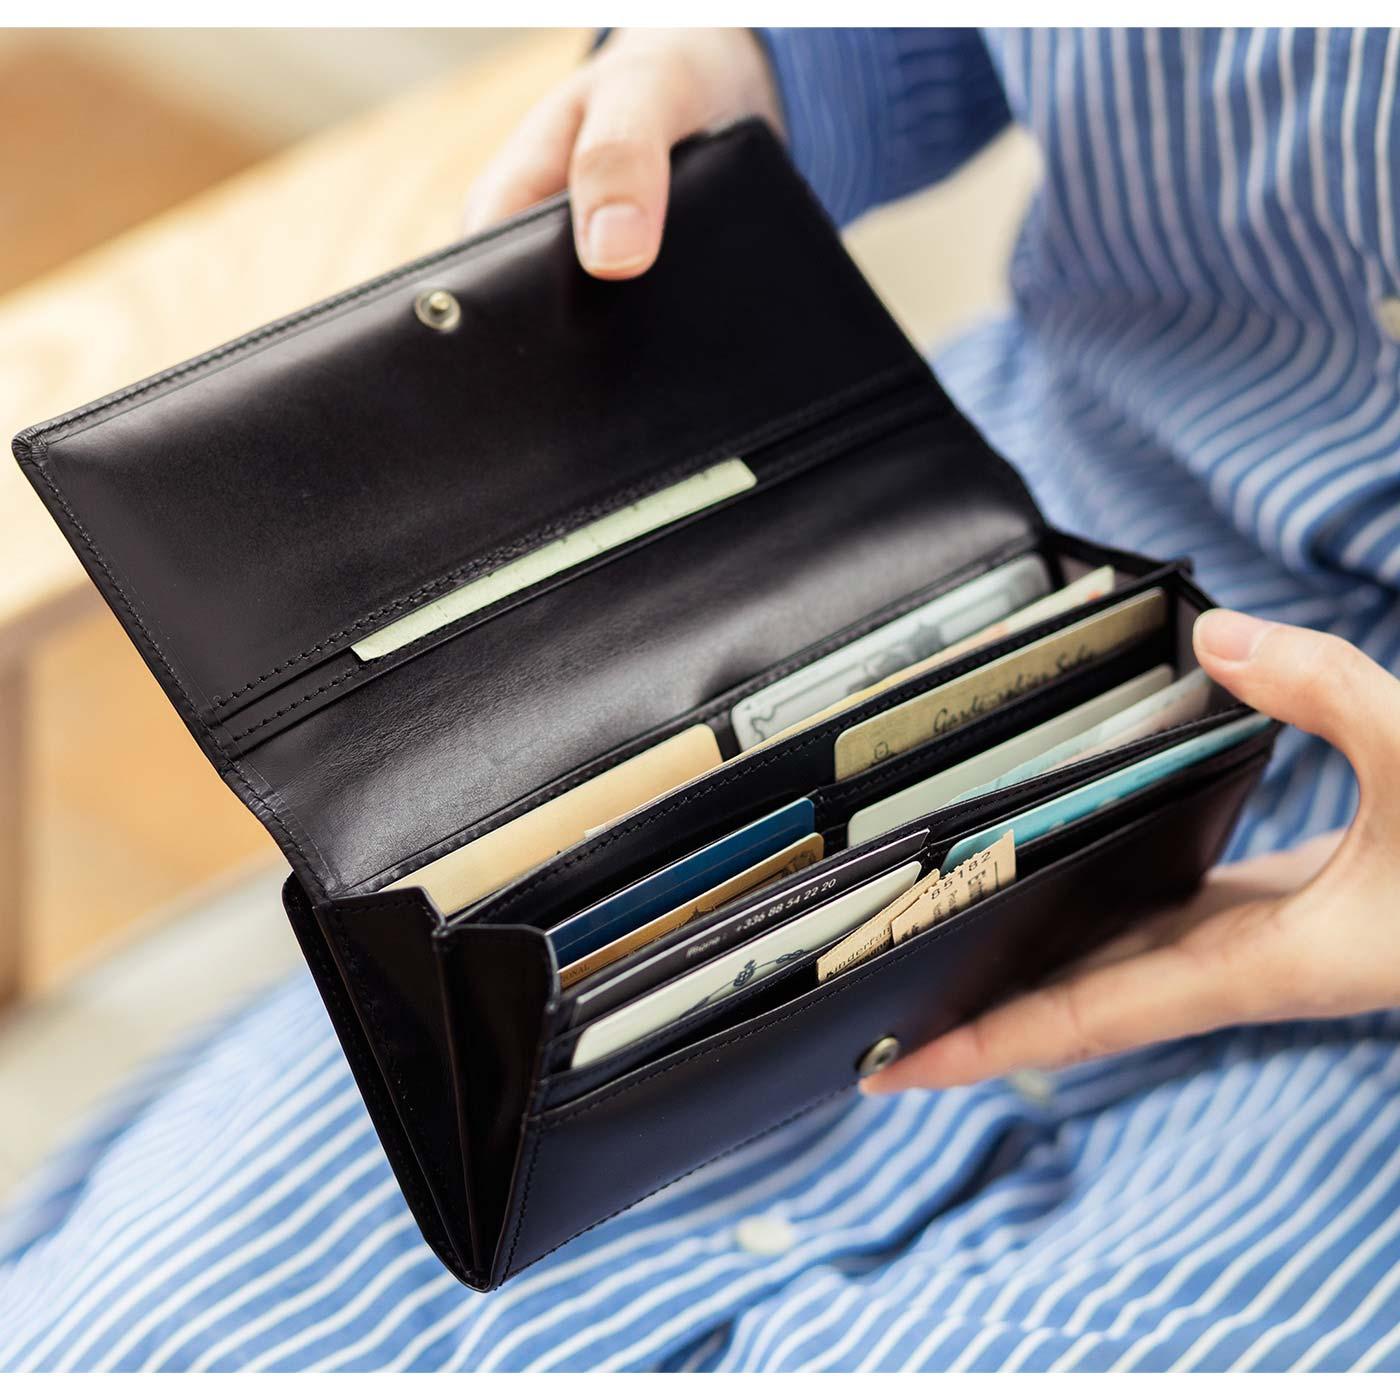 2スタイルともロングセラーだけあって、使い勝手は抜群! カード類もたっぷり入って、オープンポケットも充実。ふだんは長財布、旅行やミニバッグの日は折り財布と使い分けても。